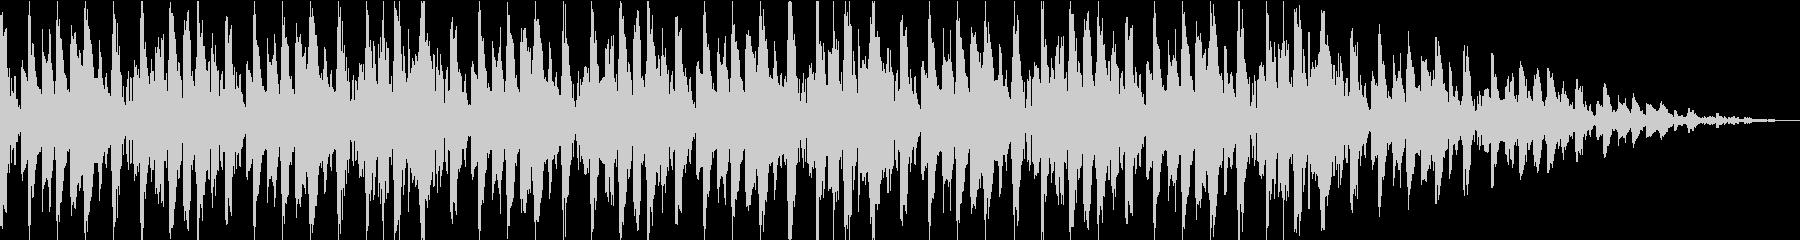 ジャングルポップス A[ショート]の未再生の波形